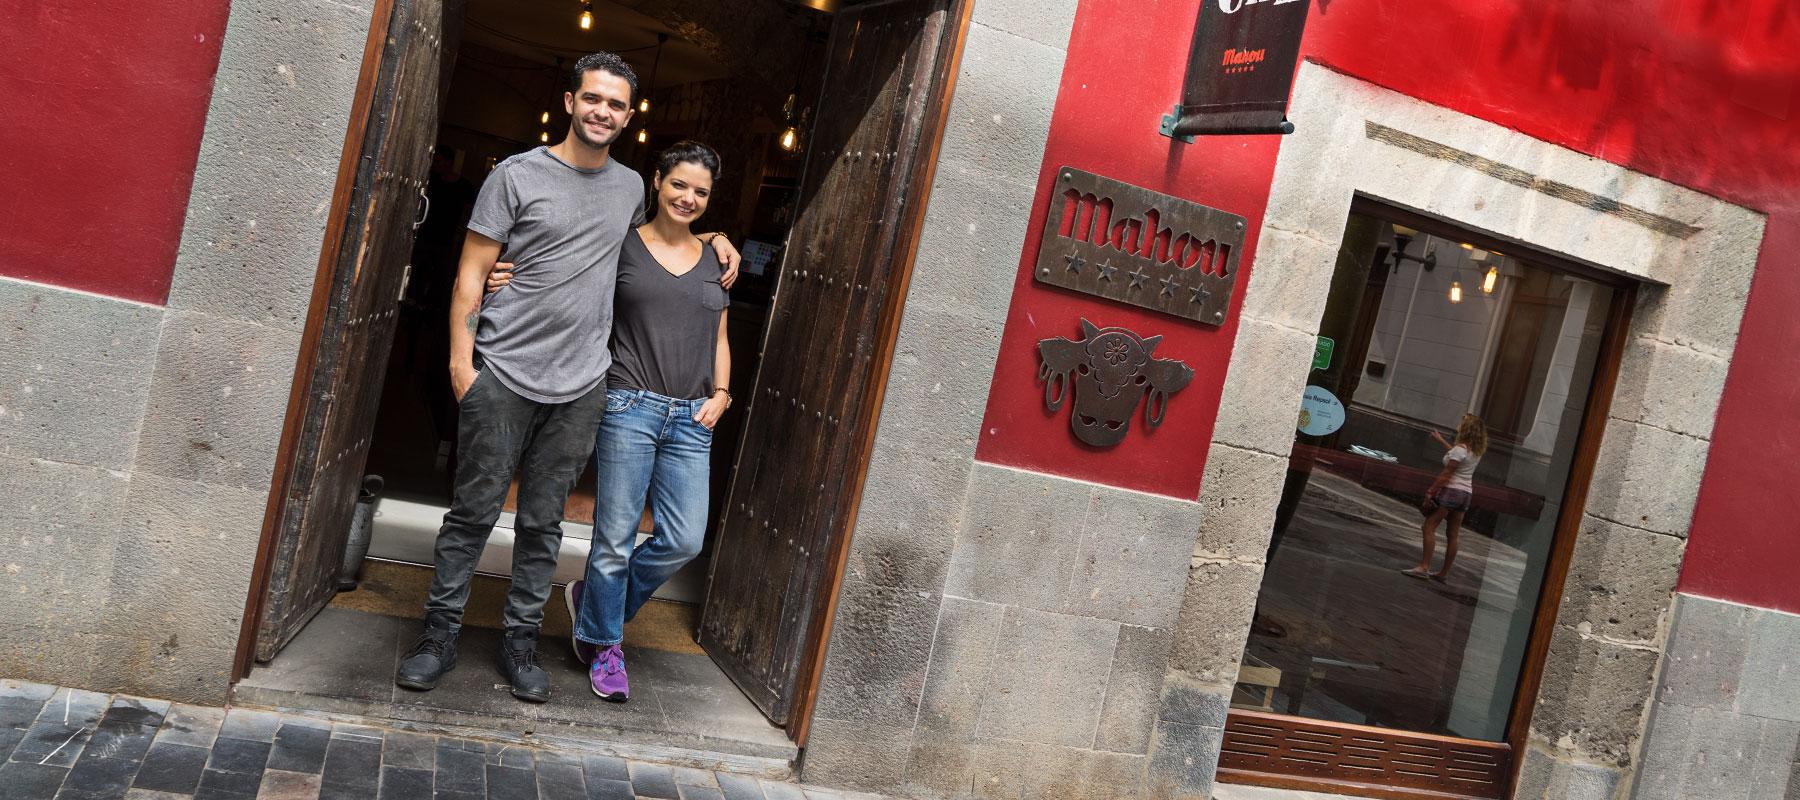 Qué Leche, en av de mest populära krogarna på Gran Canaria